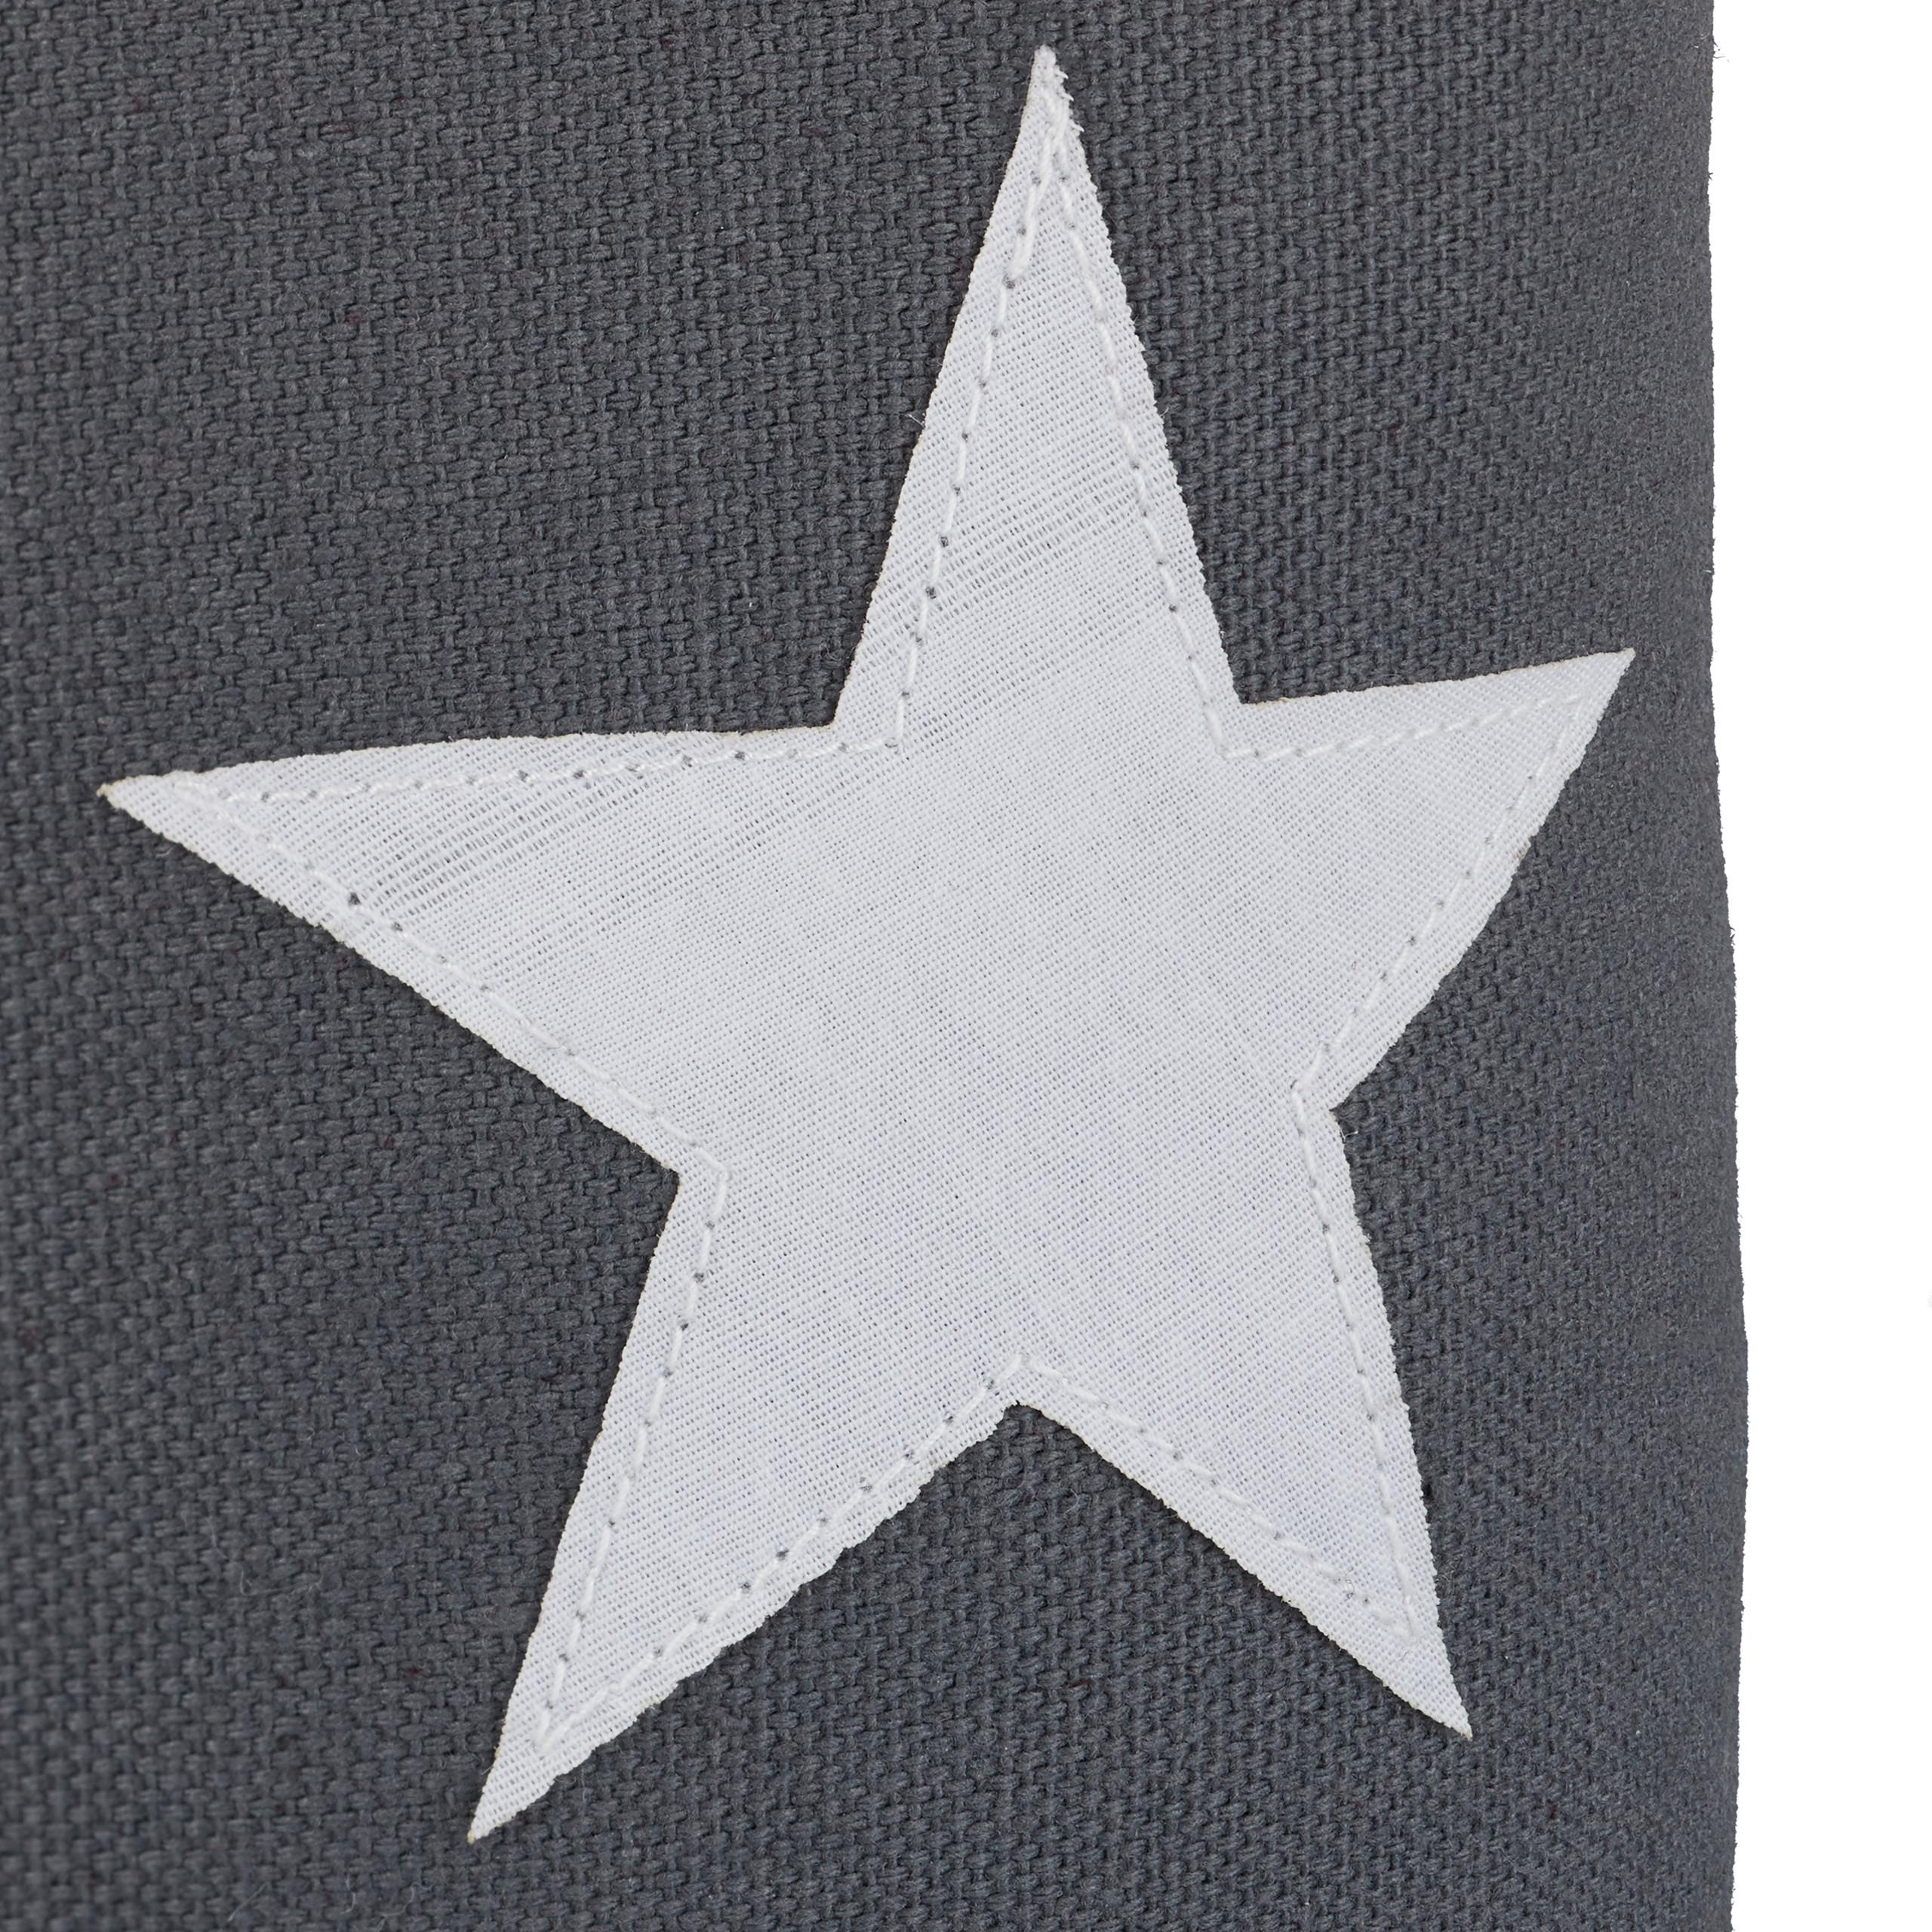 Door-Stop-with-Star-Fabric-Bumper-Floor-Doorstop-Tall-with-Handle-Chic thumbnail 12